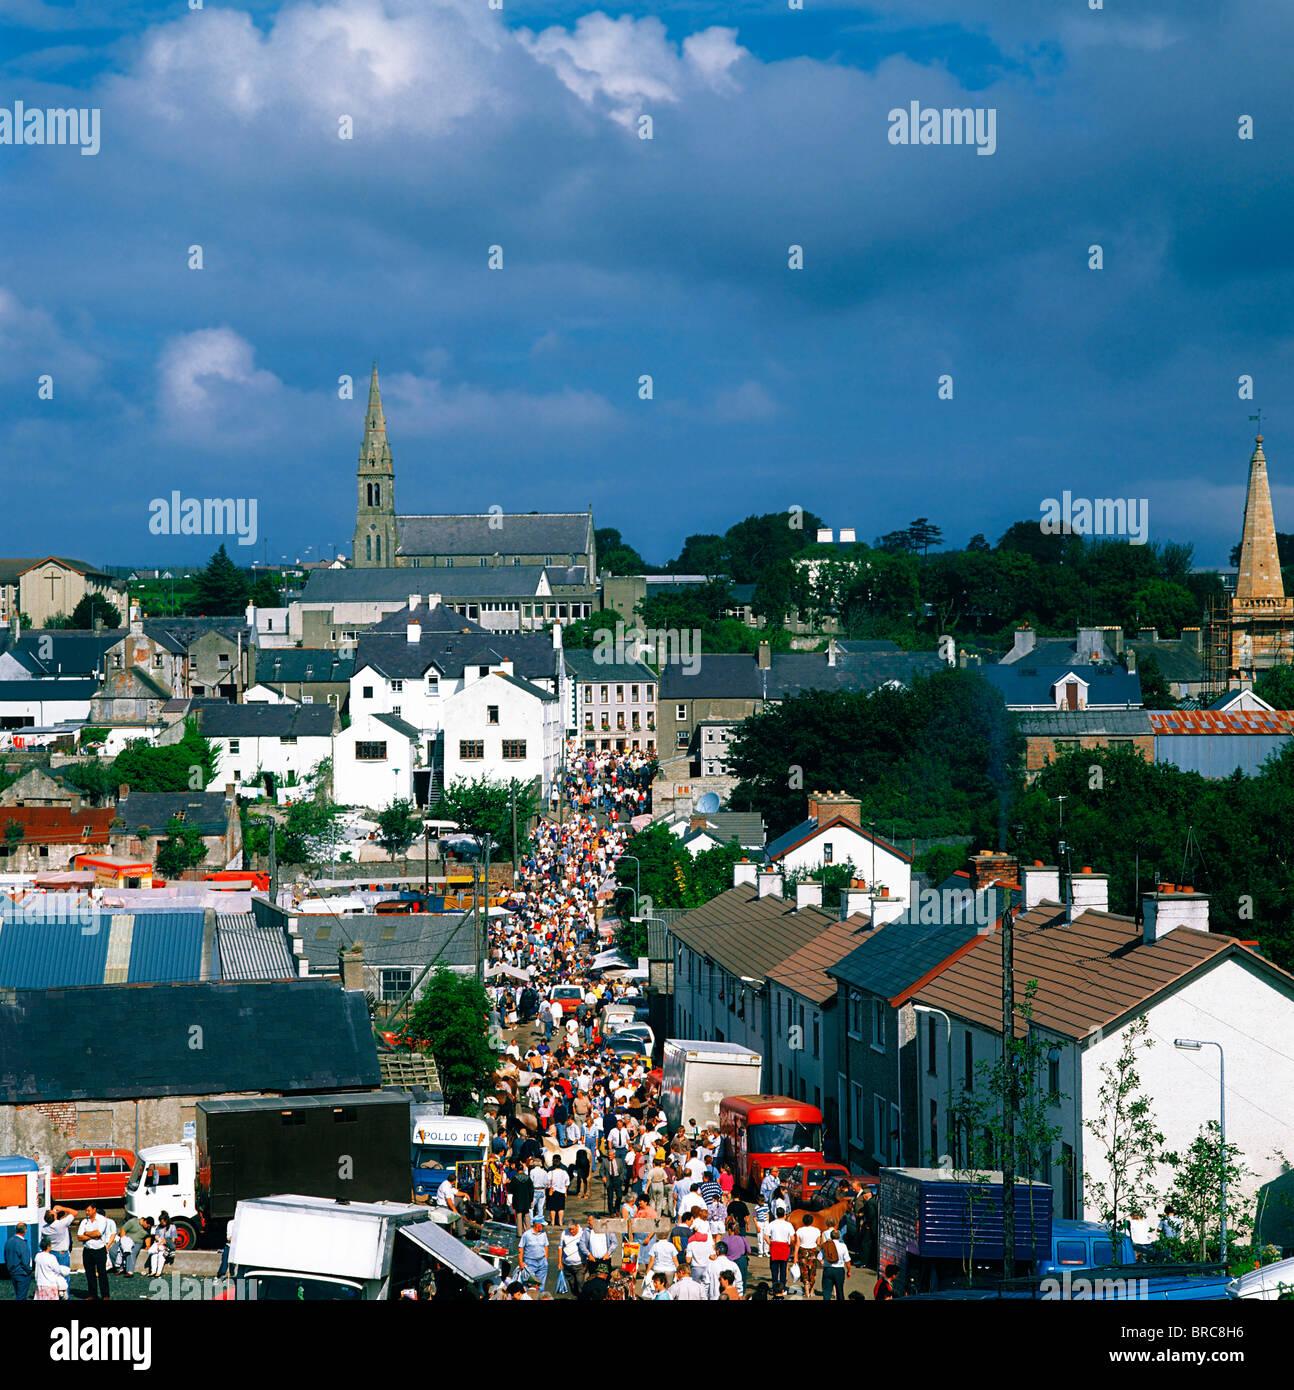 Ould Lammas Fair, Ballycastle, Co Antrim, Ireland; Traditional Fair Associated With The Lammas Harvest Festival - Stock Image